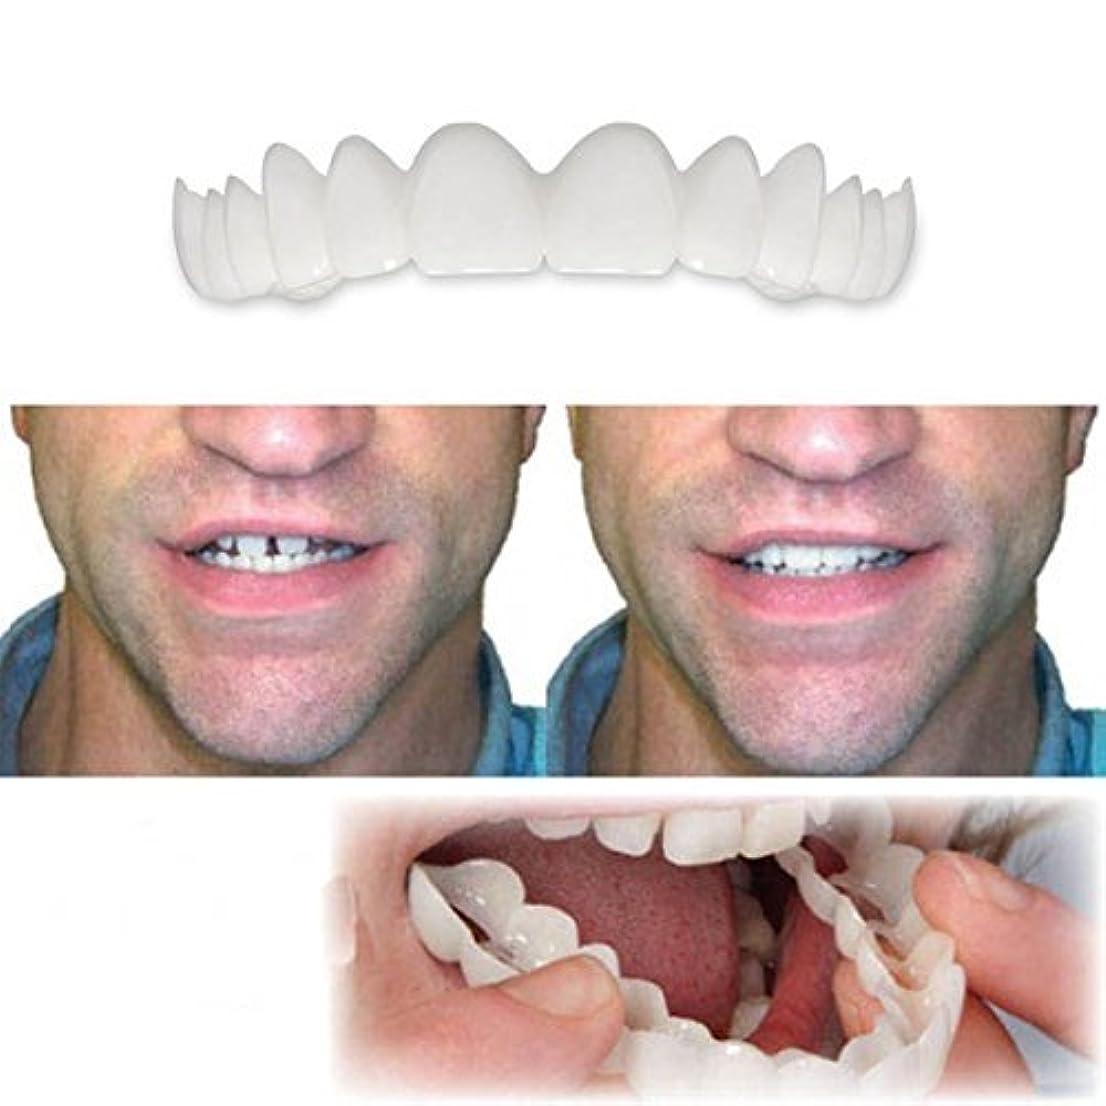 ロデオ行く離れた義歯上下義歯インスタントスマイルコンフォートフィットフレックスコスメティックティーストップ化粧品突き合わせ箱入り(下+上),2Pairs